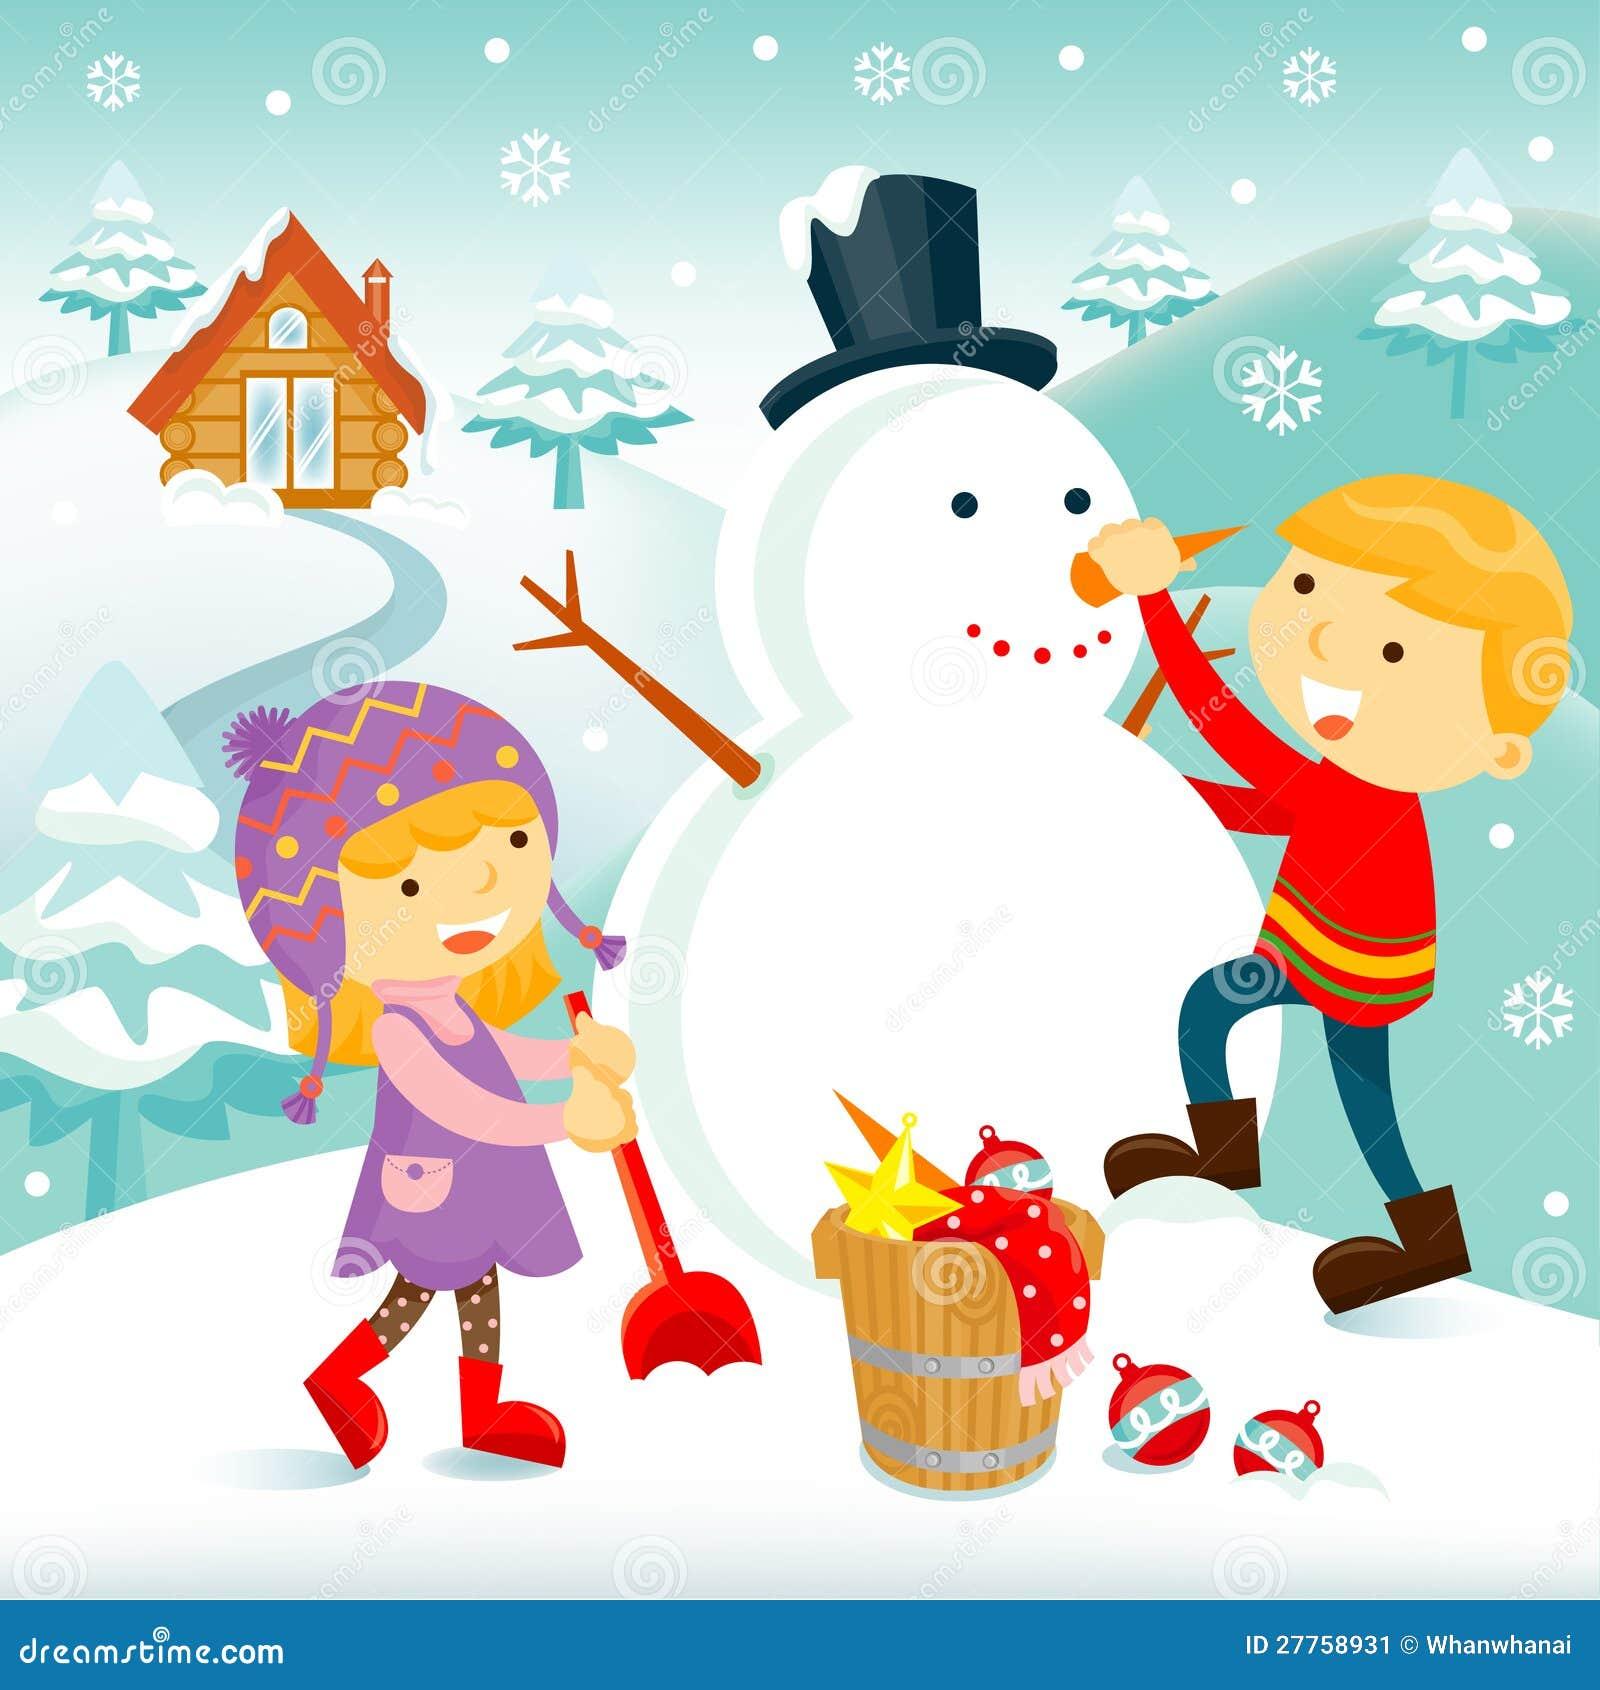 Bambini che costruiscono un pupazzo di neve immagine stock - Animali in inverno clipart ...